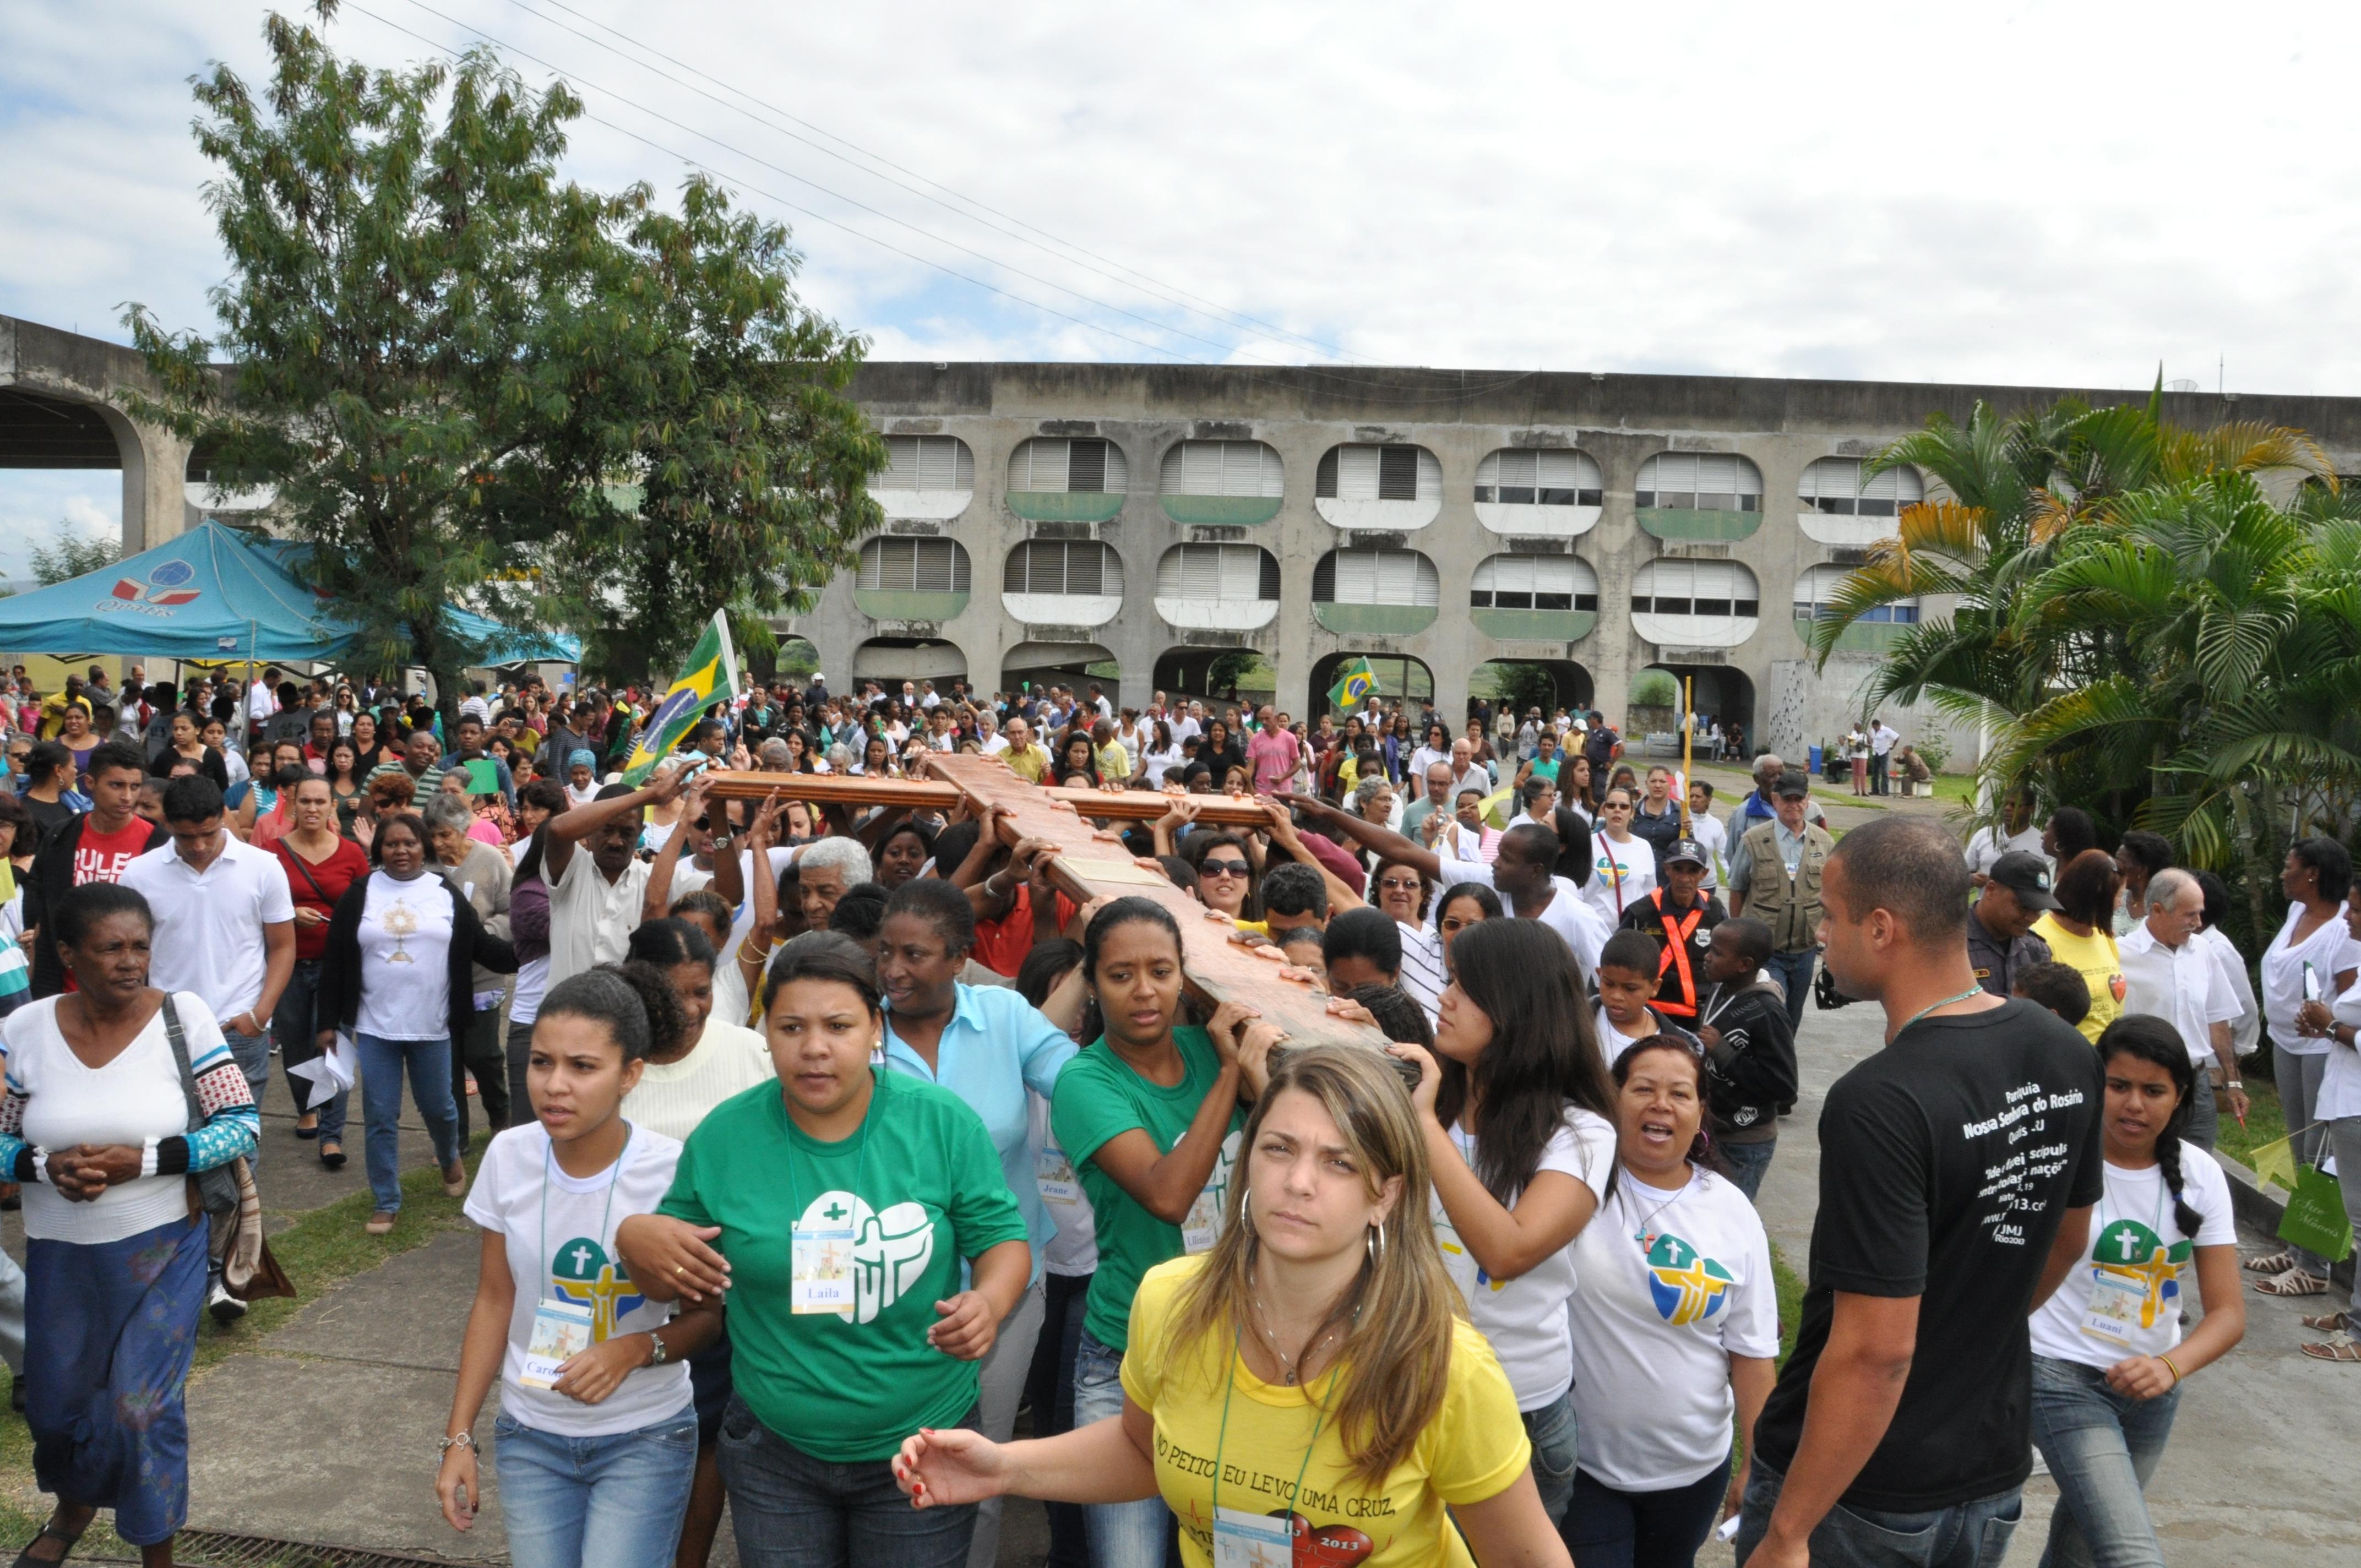 Quatis e Porto Real, no estado do Rio, recebem símbolos da JMJ